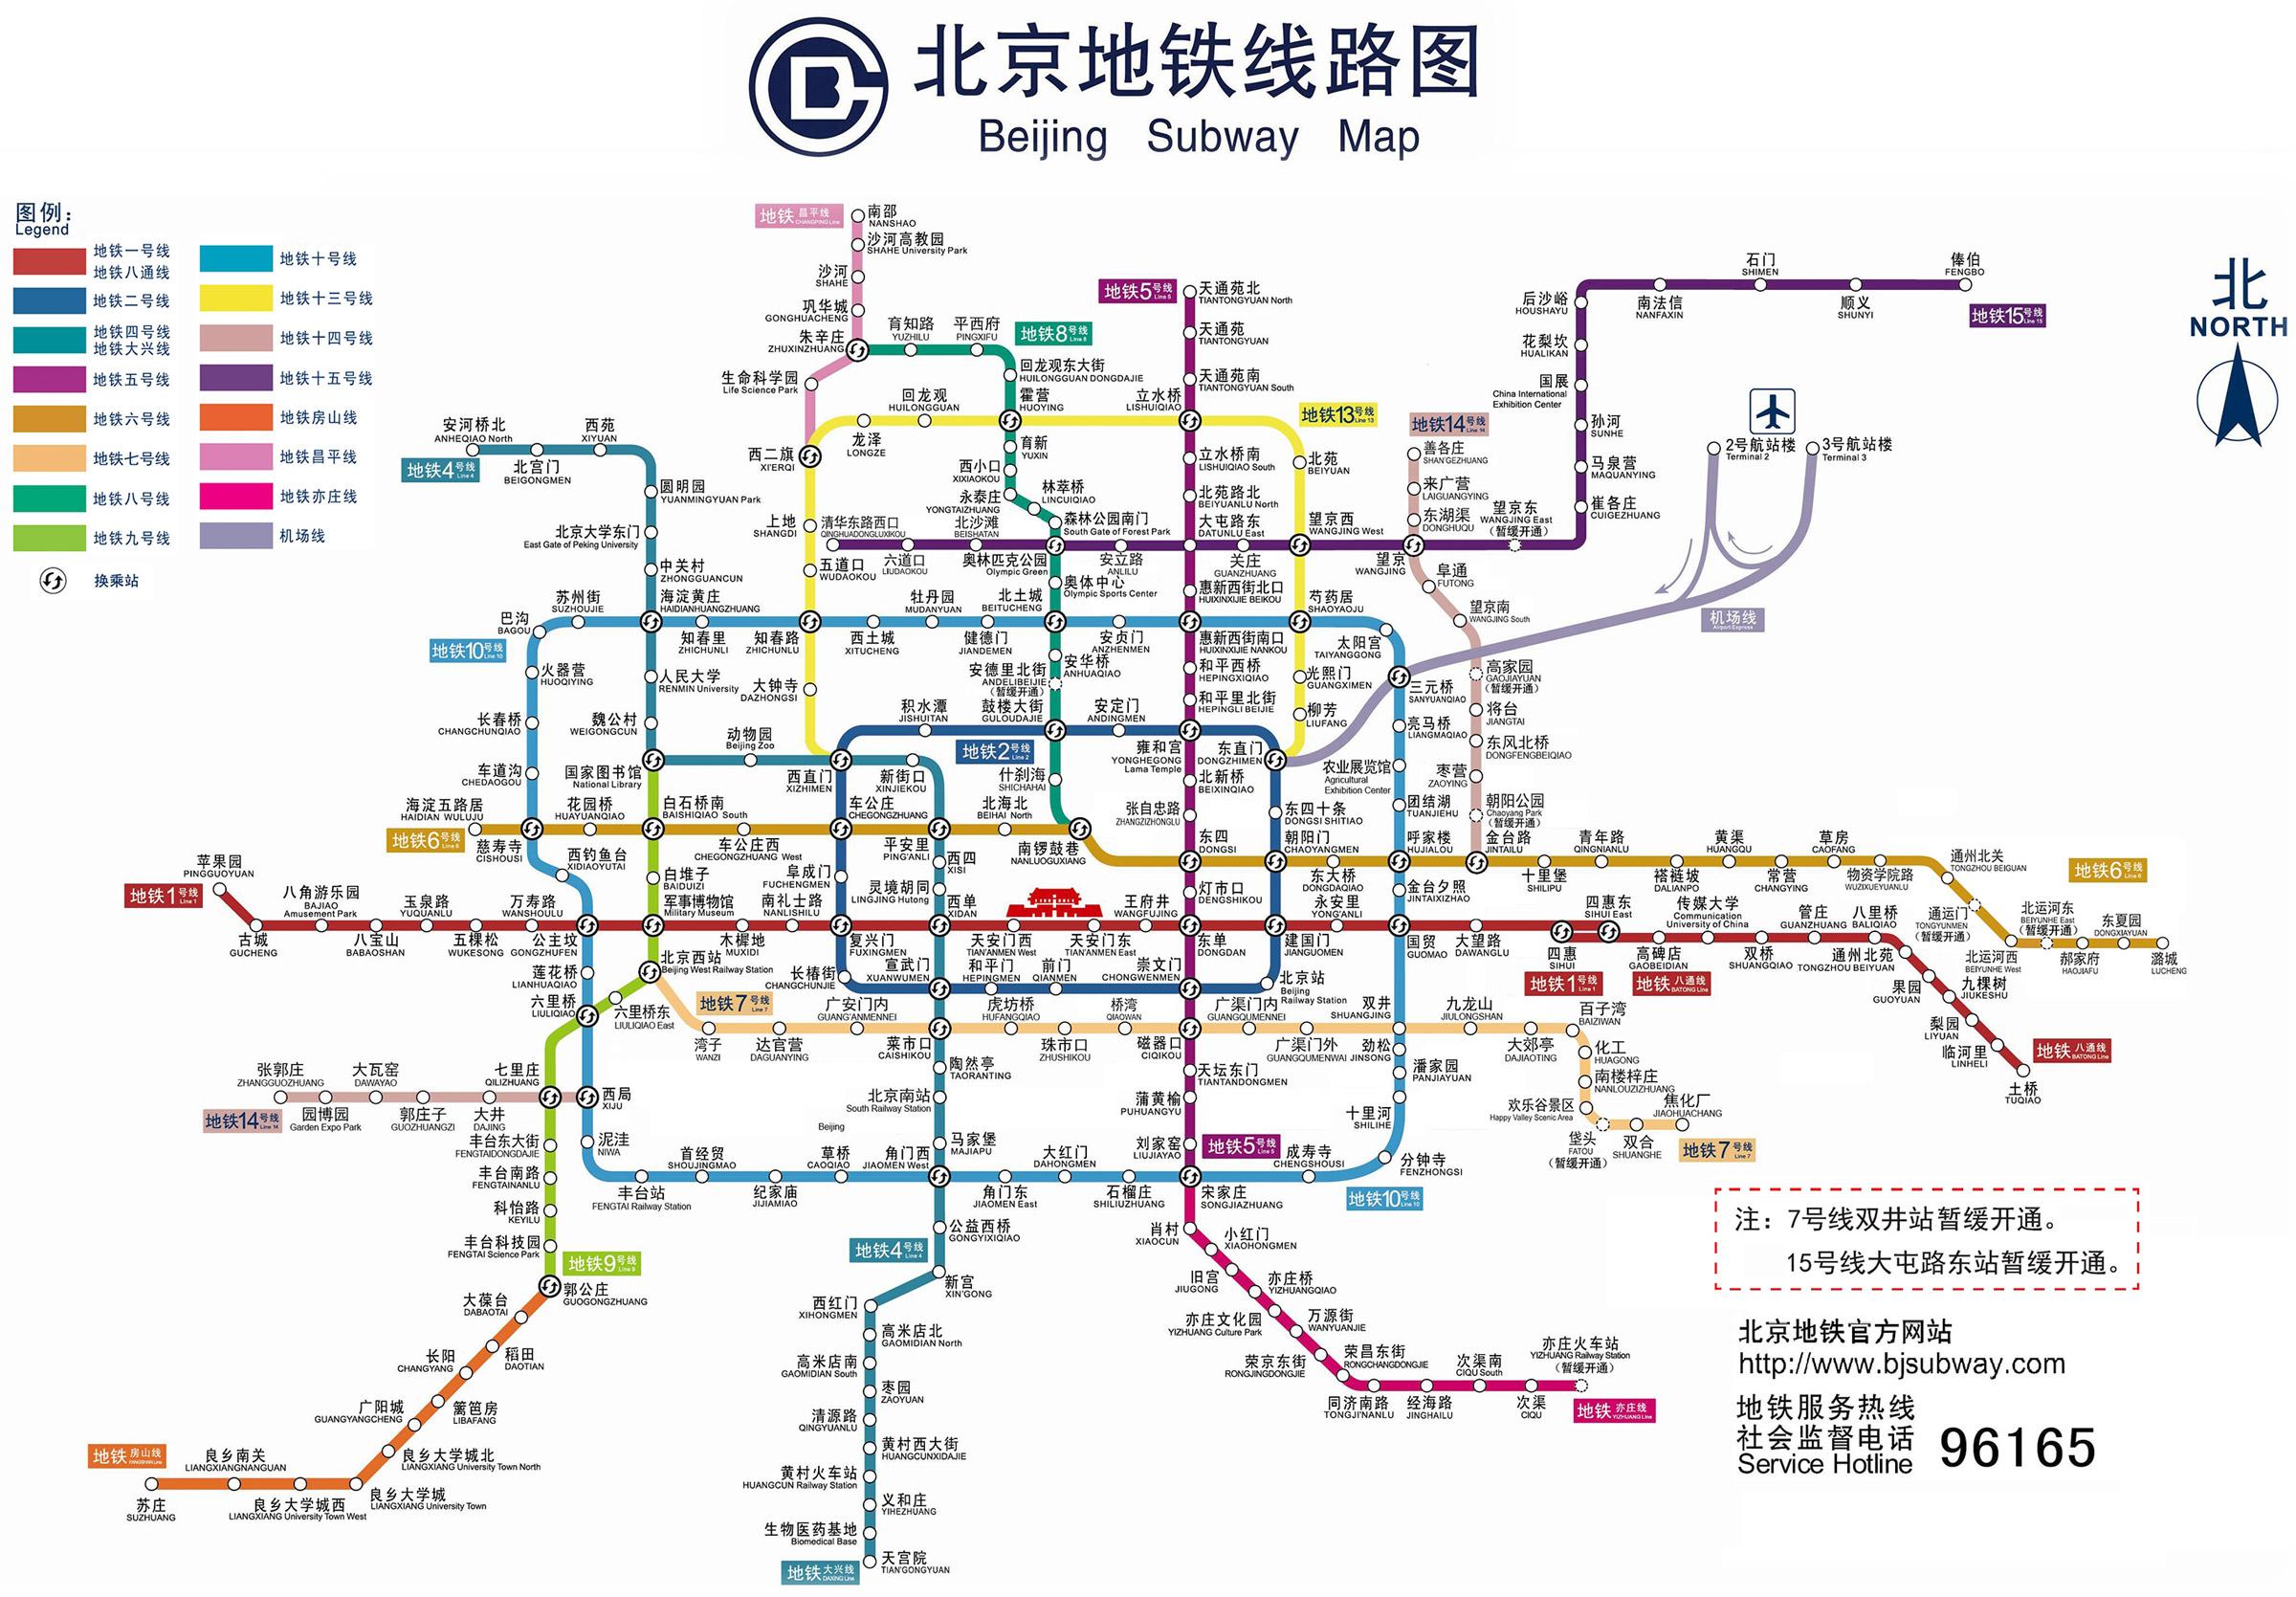 北京地铁最新版线路图出炉 包含年底开通新线